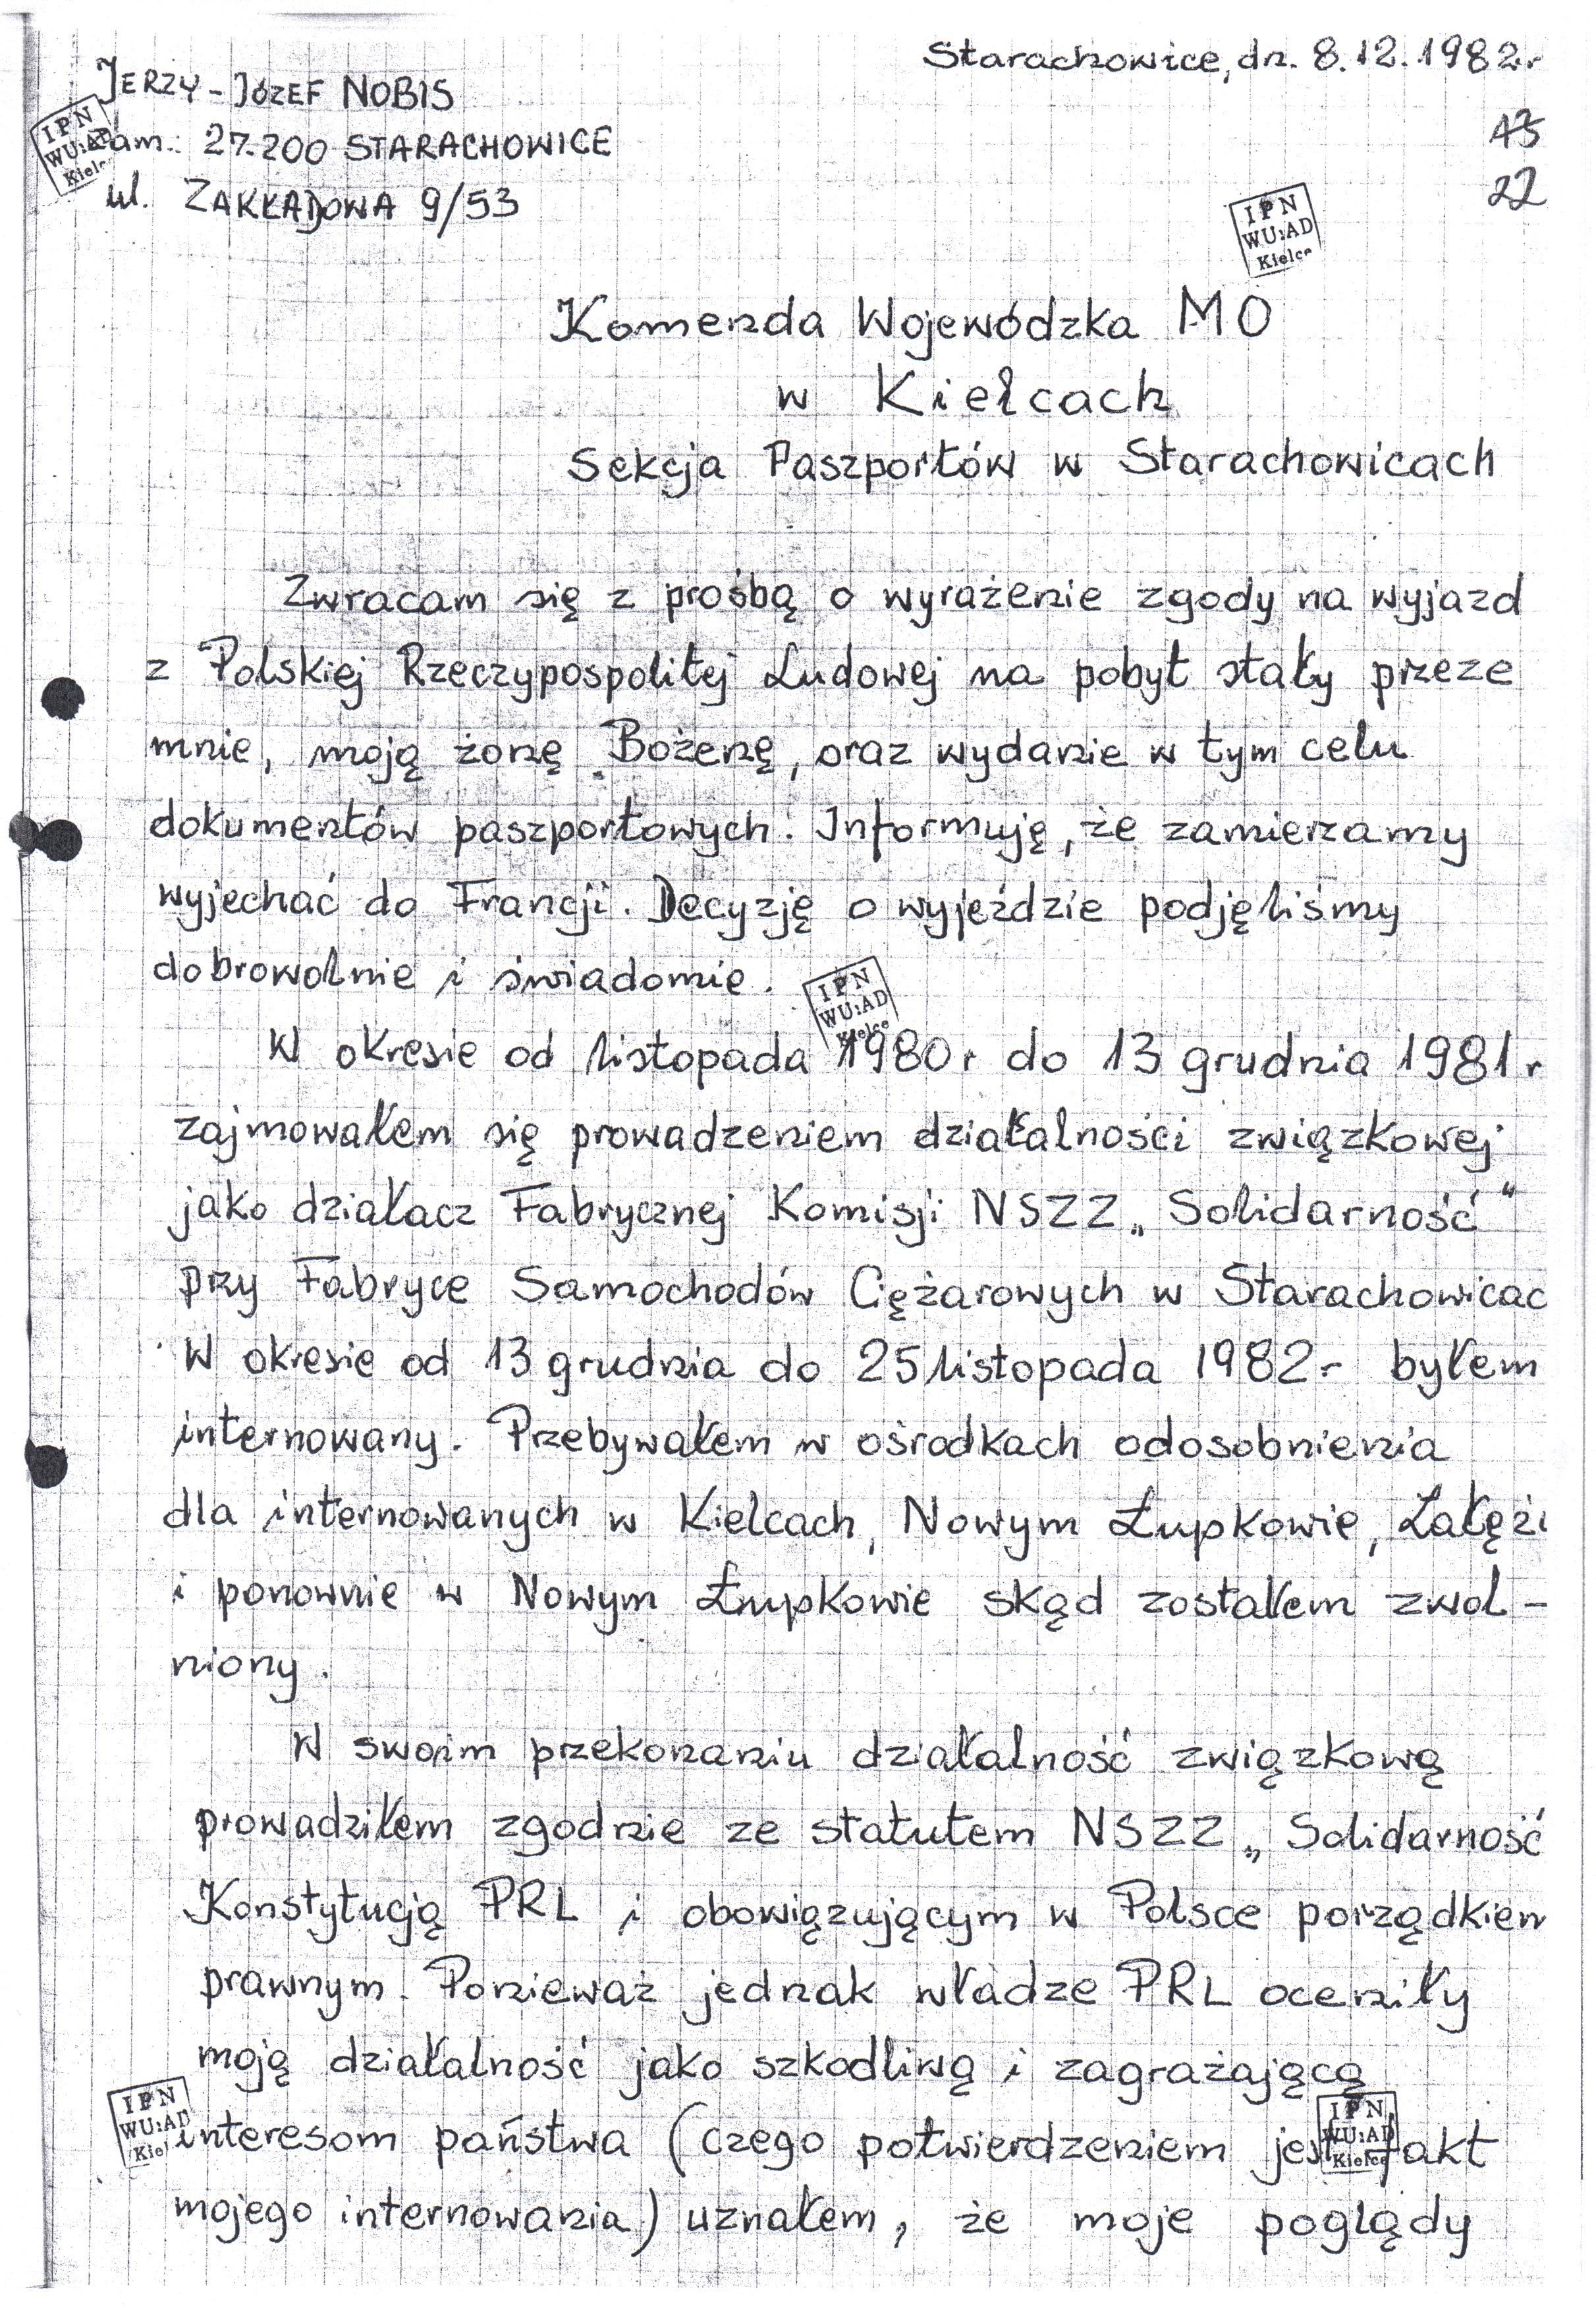 Historia Nszz Solidarność W Man Bus W Starachowicach